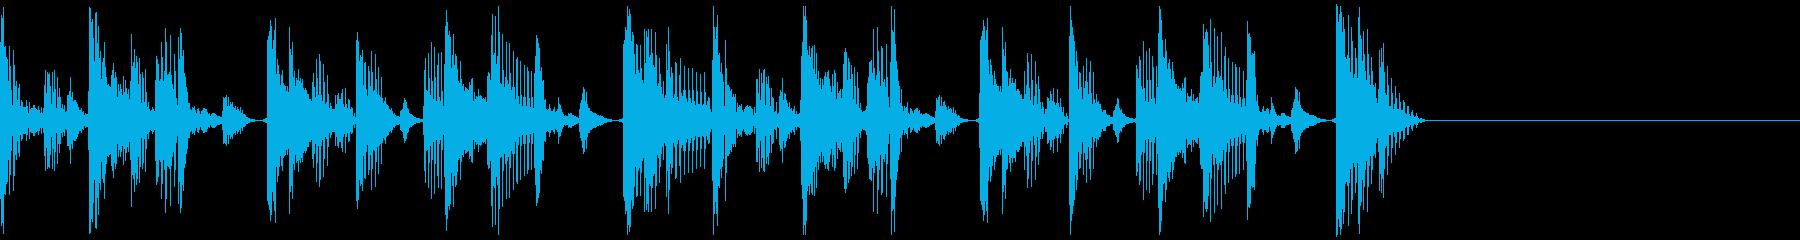 ファンキーなジングルですの再生済みの波形